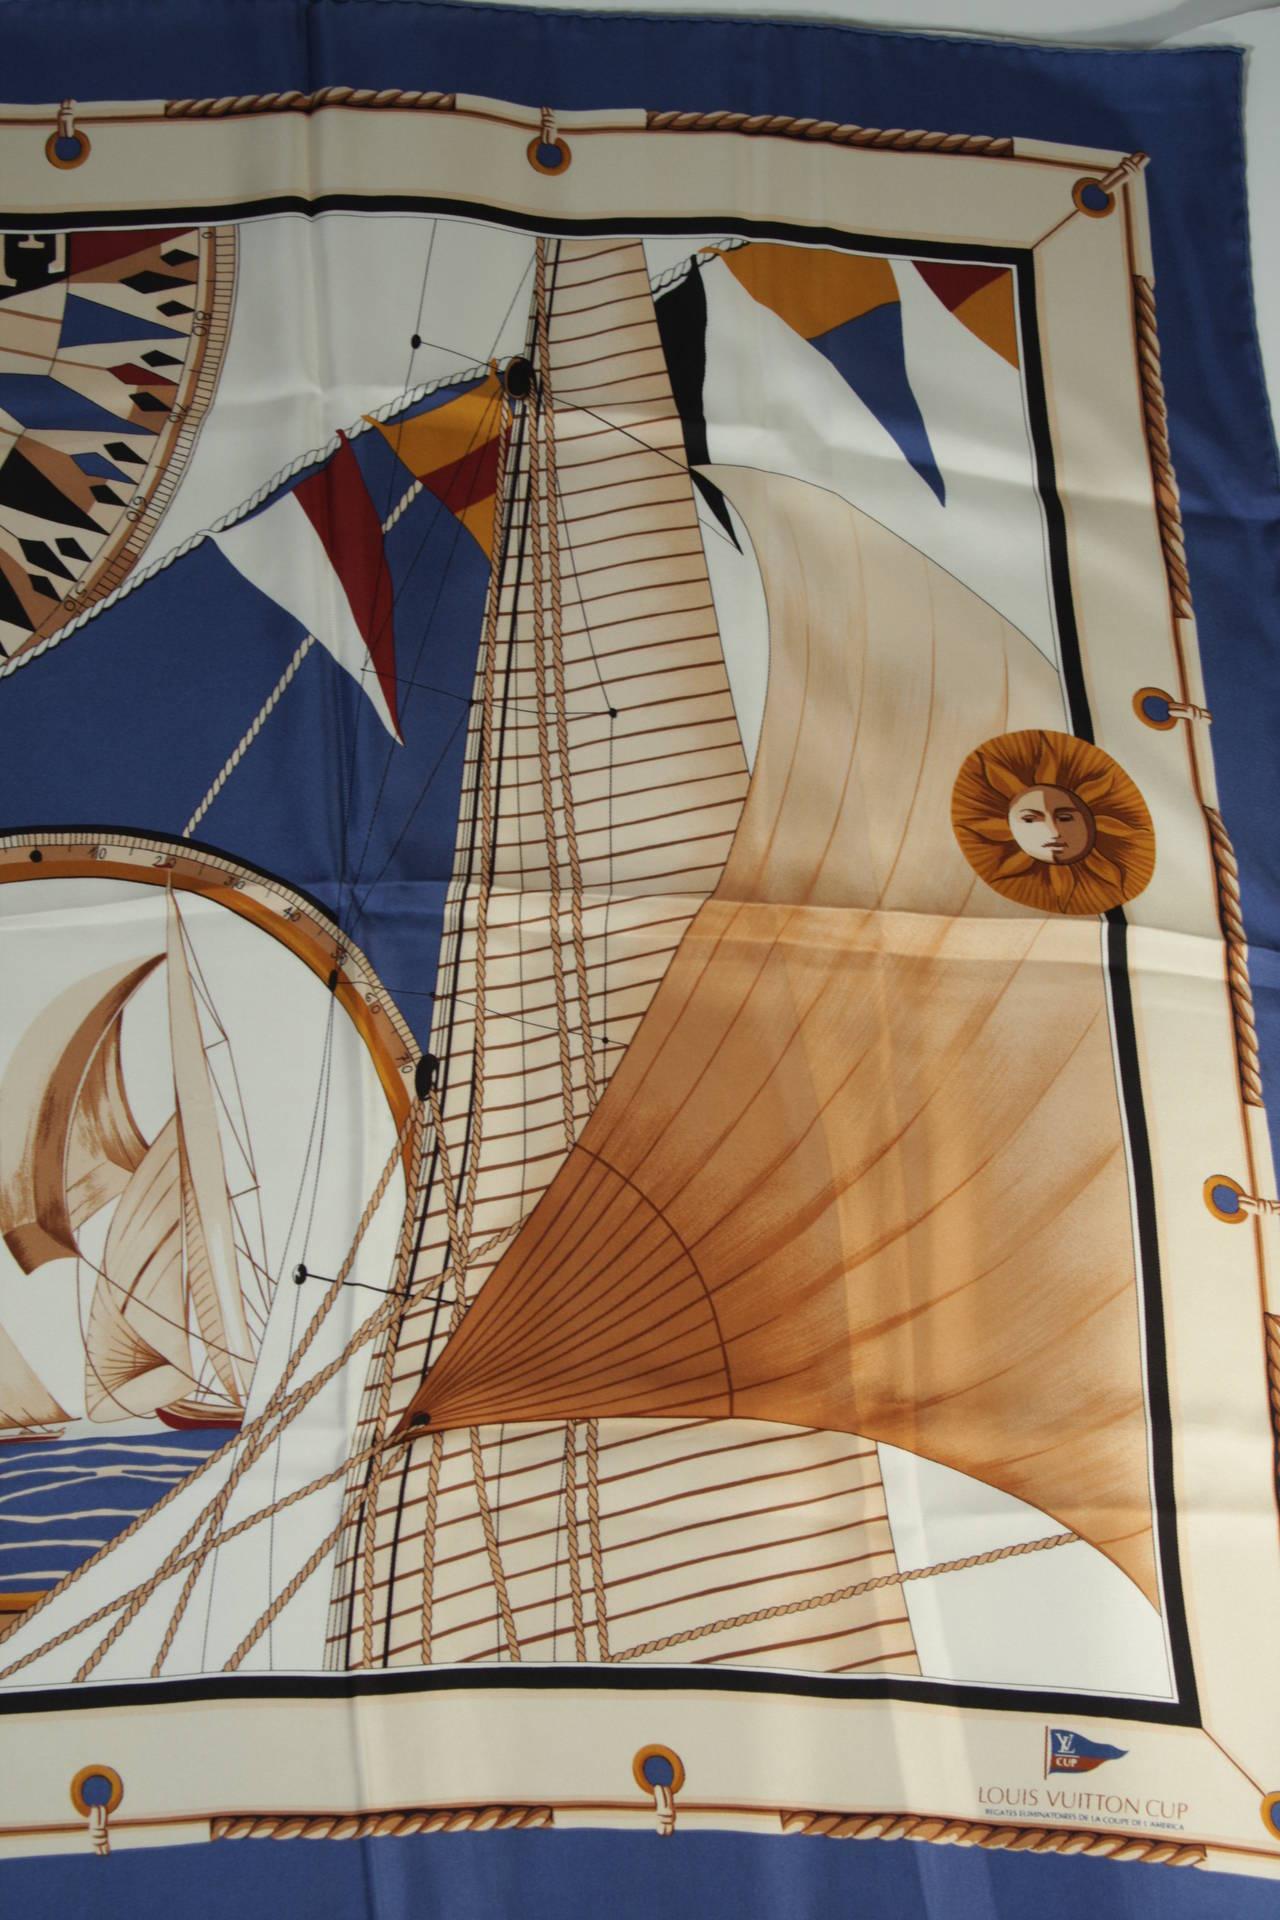 Louis Vuitton Cup Nautical Silk Scarf 7